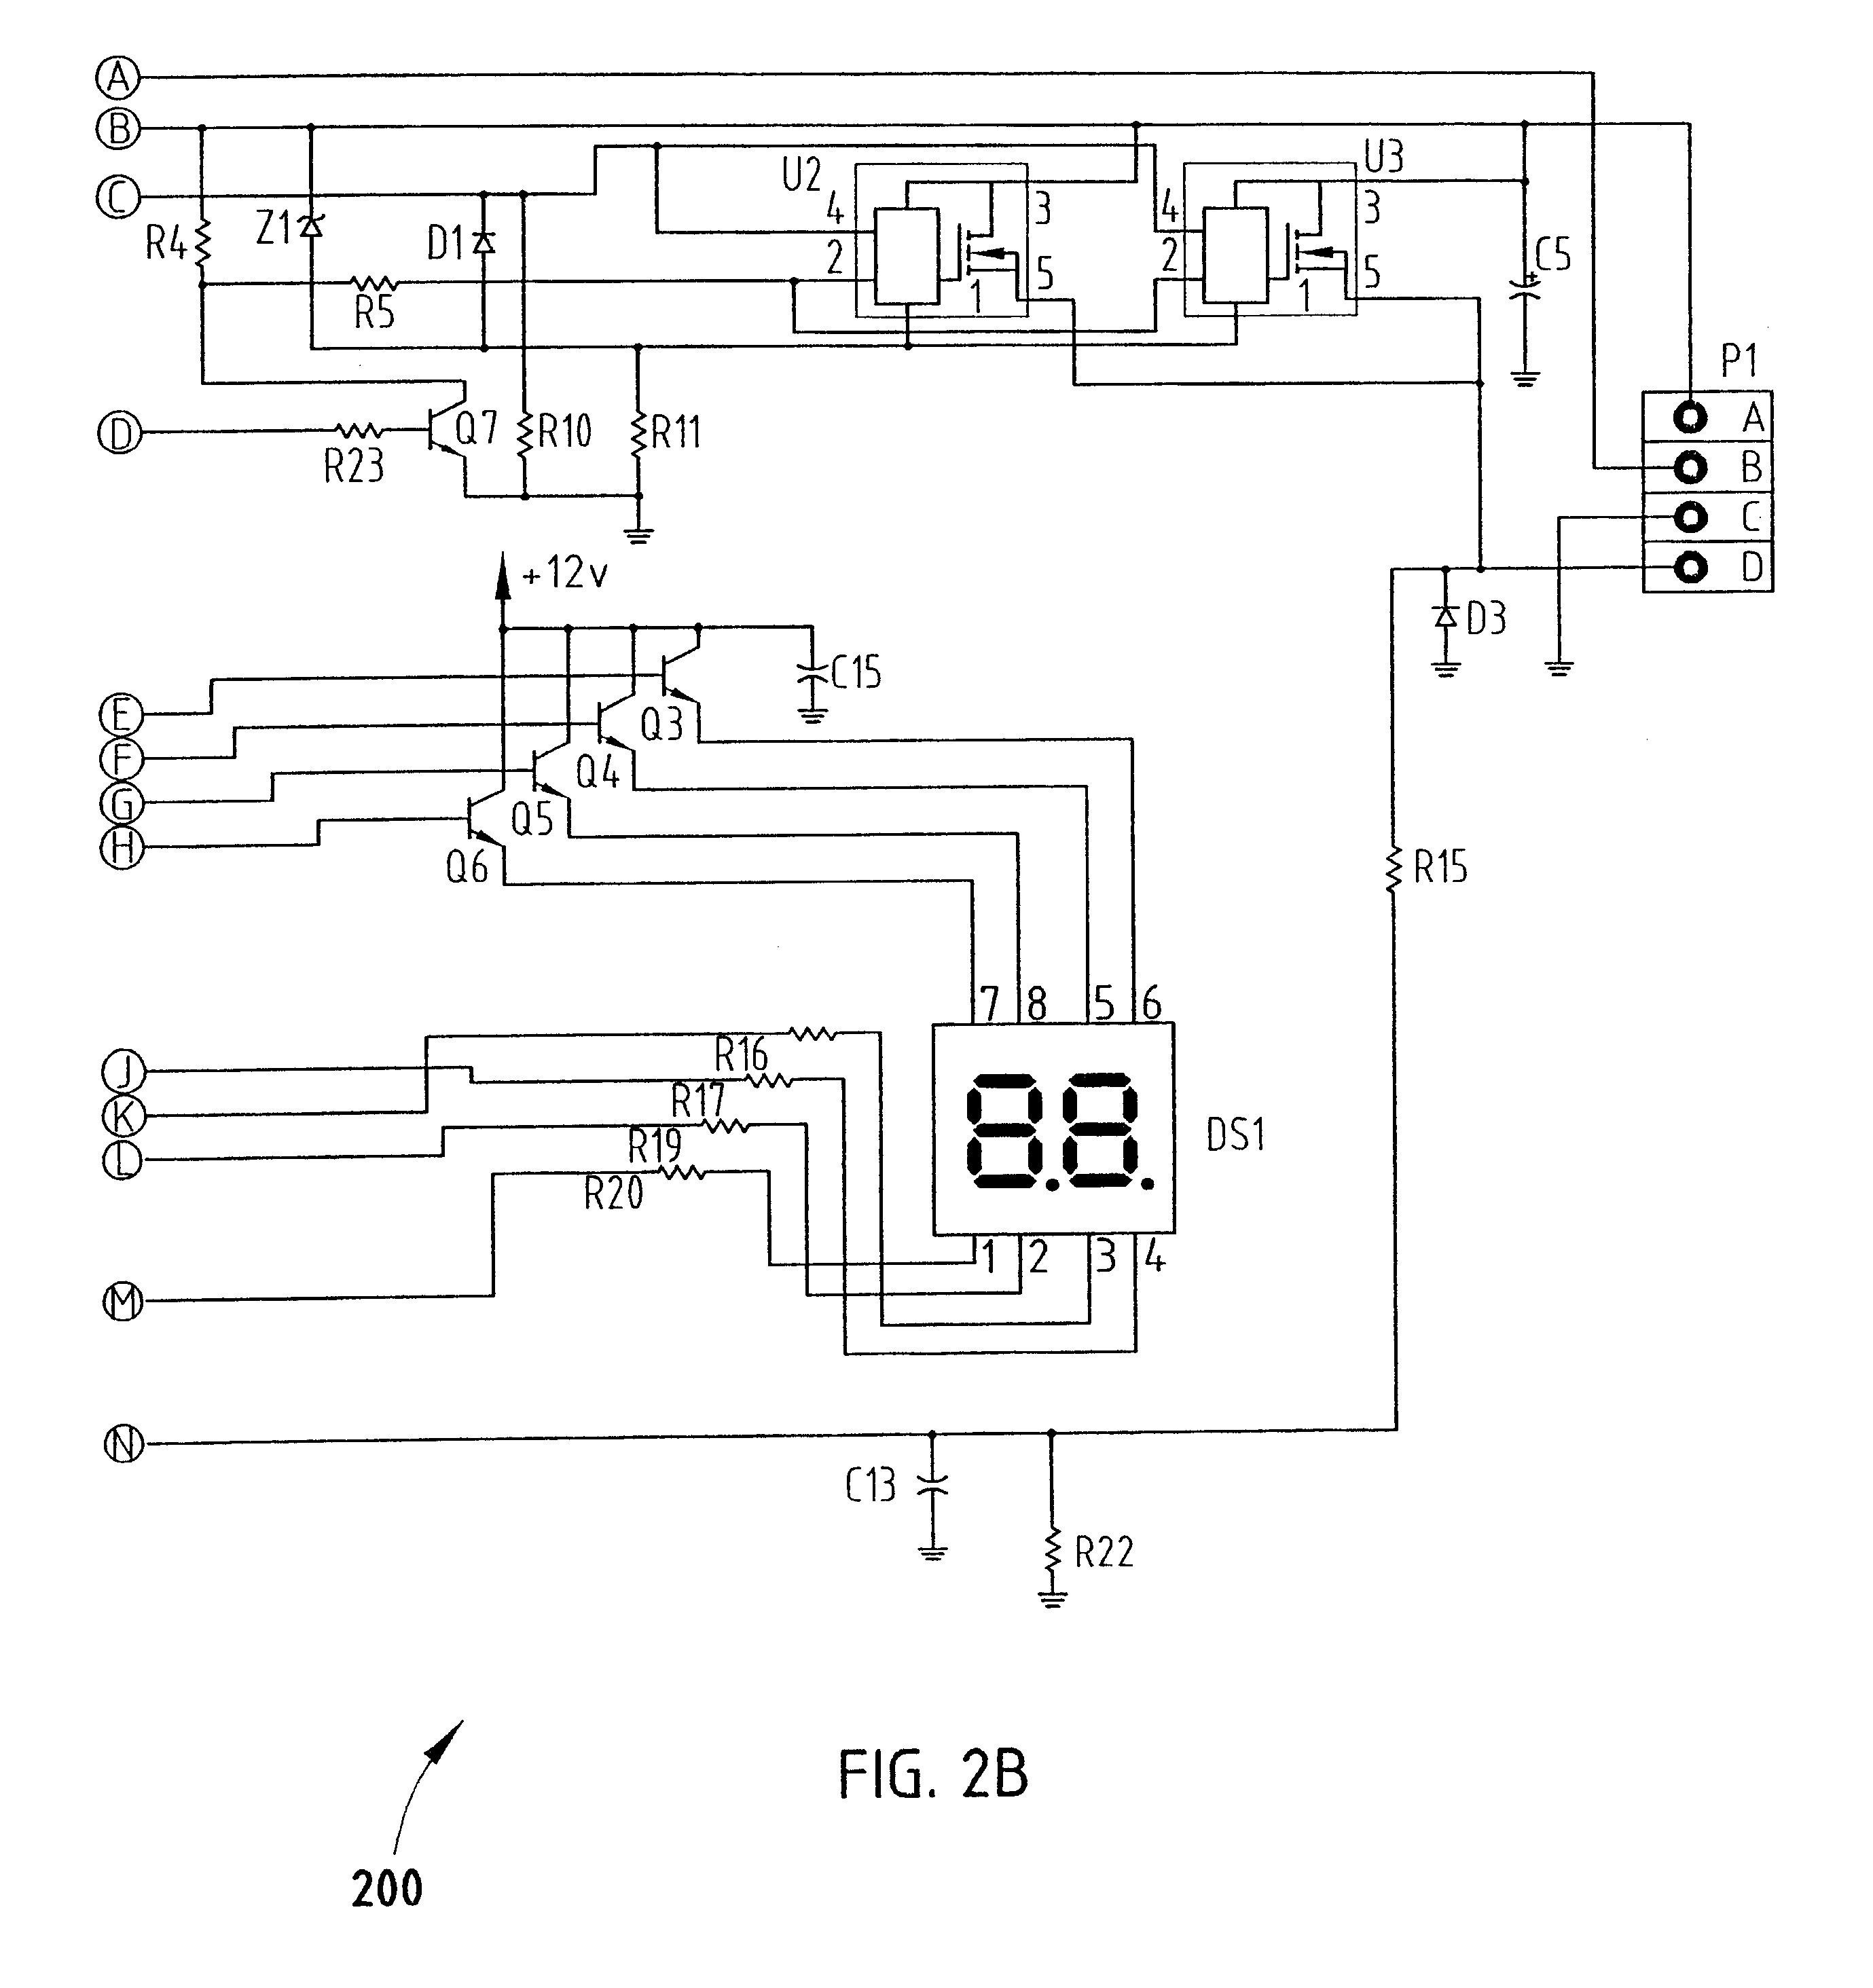 Tekonsha P3 Wiring Diagram | Wiring Diagram